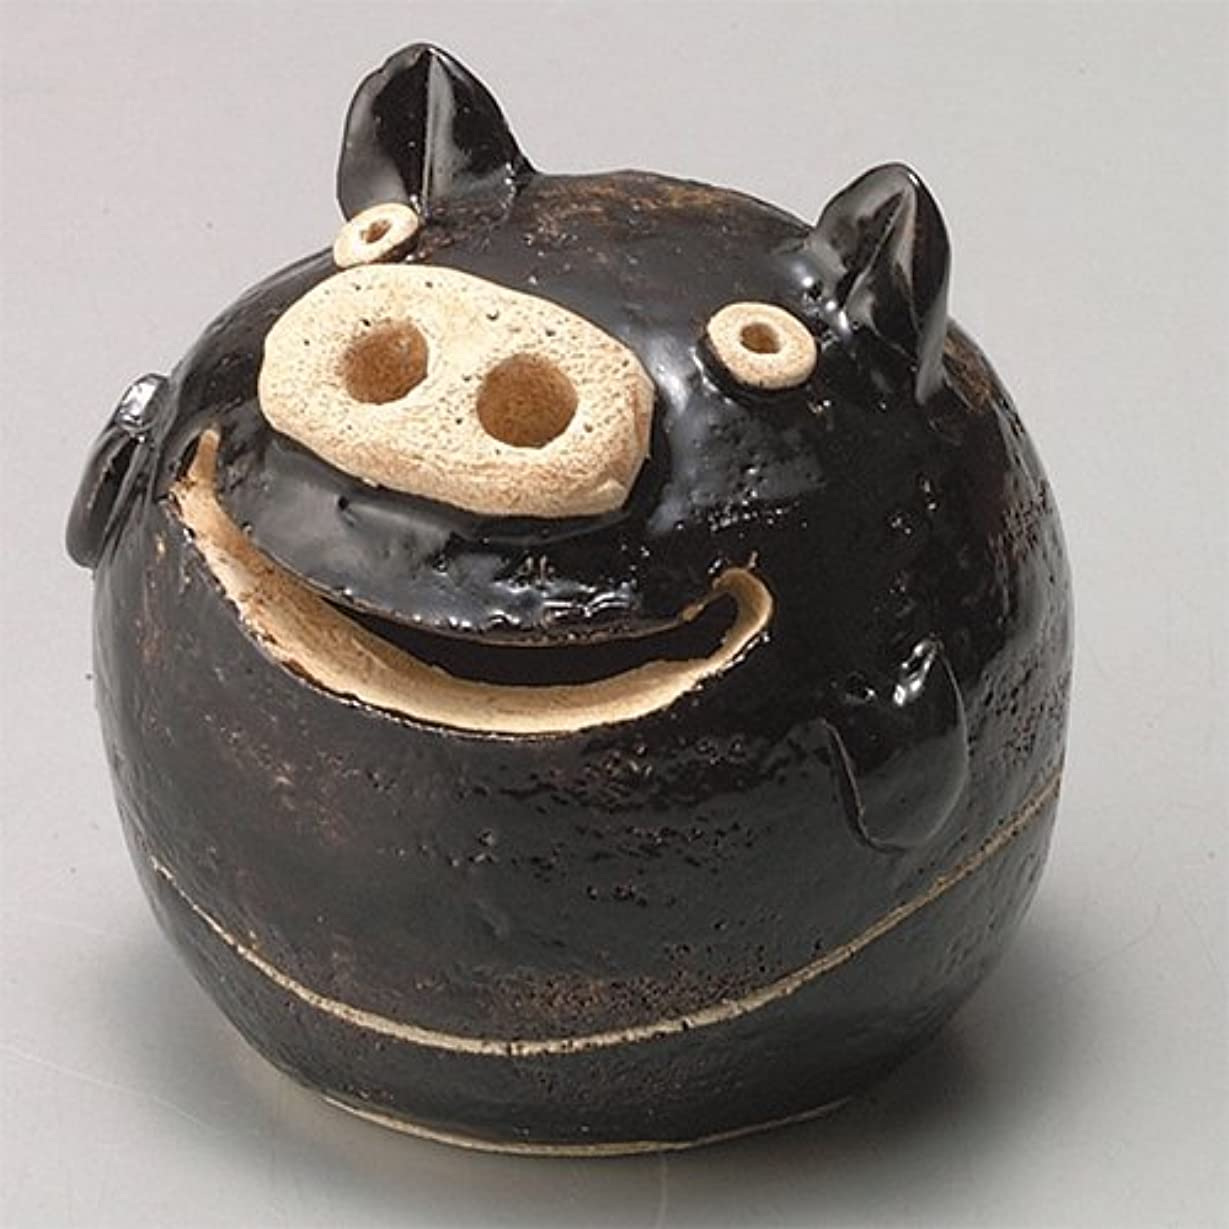 エレメンタルカカドゥ悲しいことに香炉 ぶた君 香炉(黒) [H9cm] HANDMADE プレゼント ギフト 和食器 かわいい インテリア